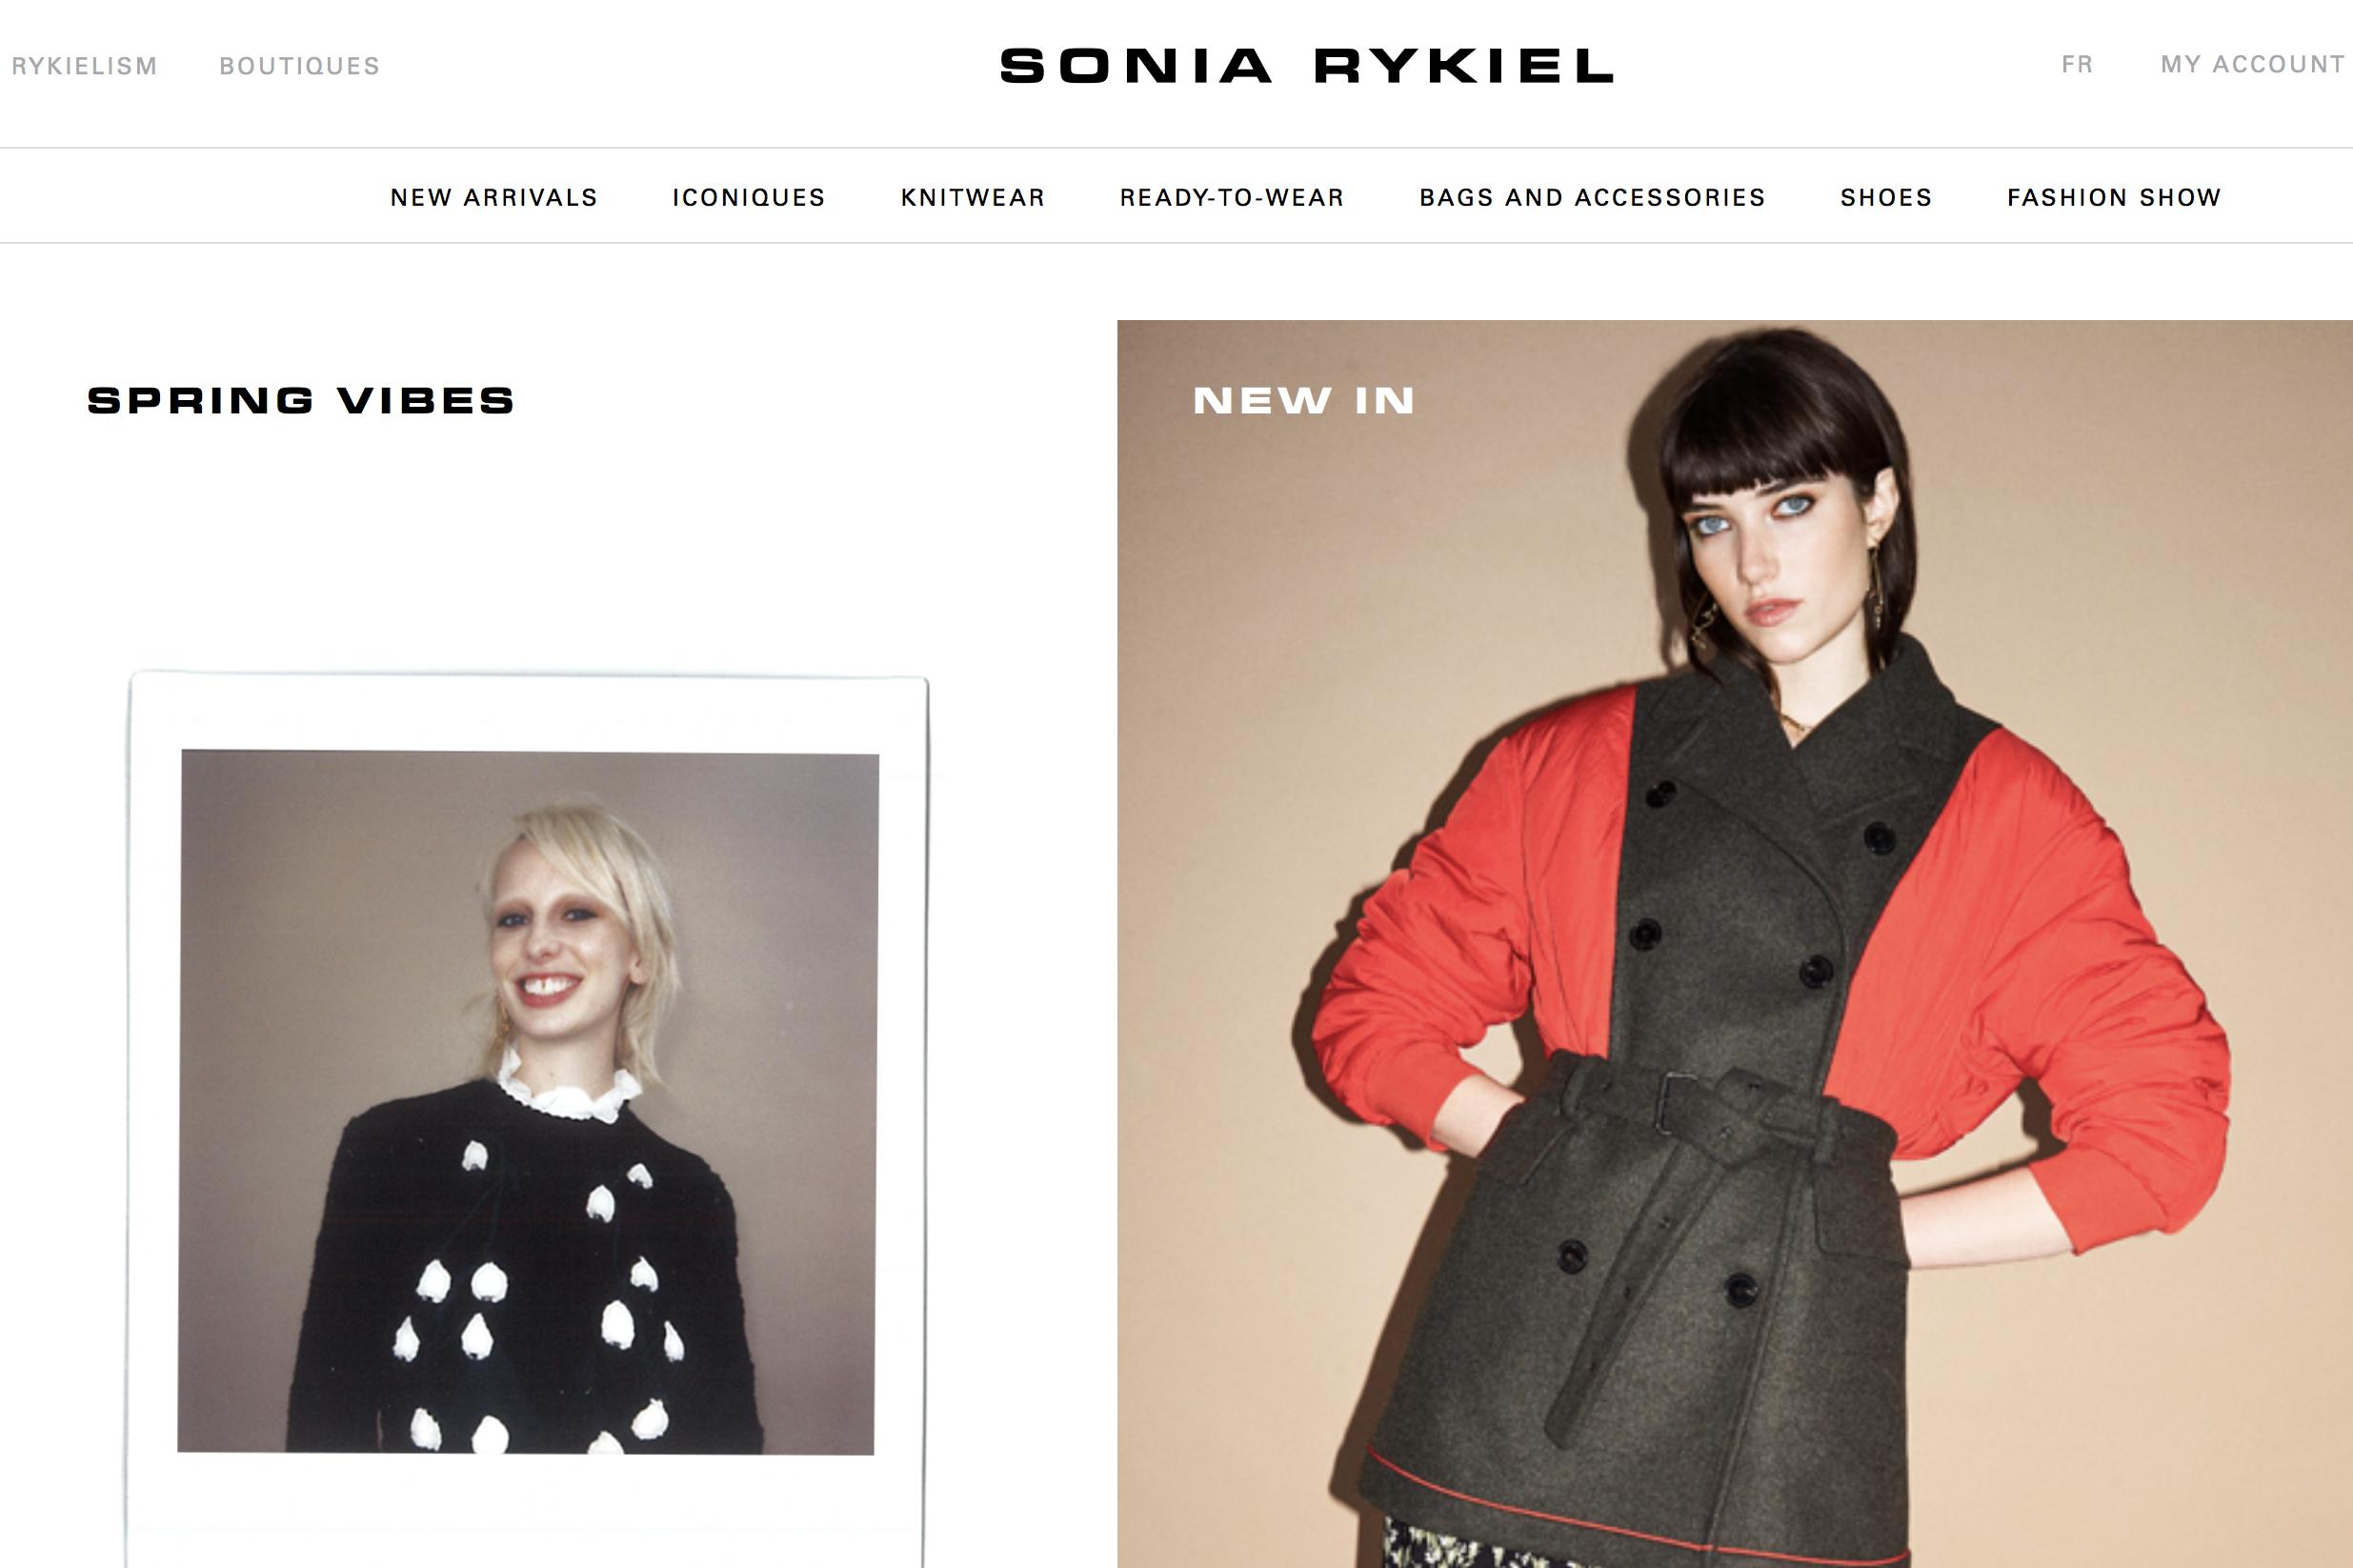 法国著名针织时尚品牌 Sonia Rykiel 申请破产保护,寻求新东家接手